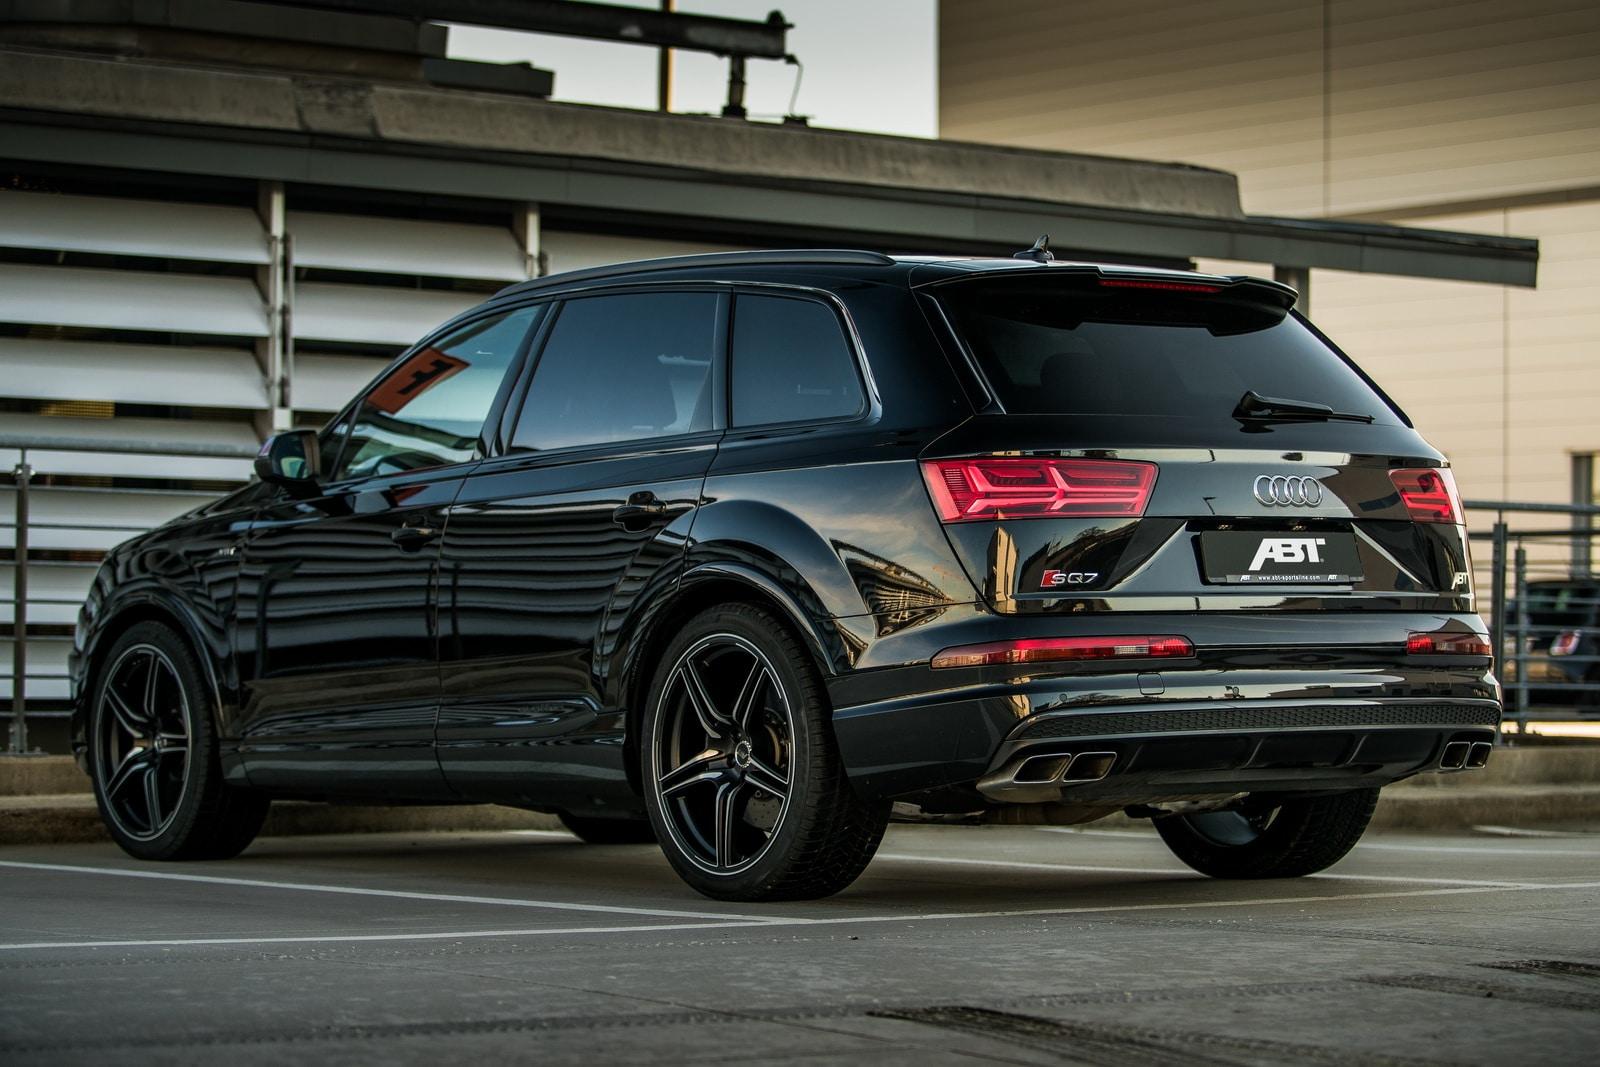 ABT x Audi SQ7 = 520 chevaux pour ce SUV allemand